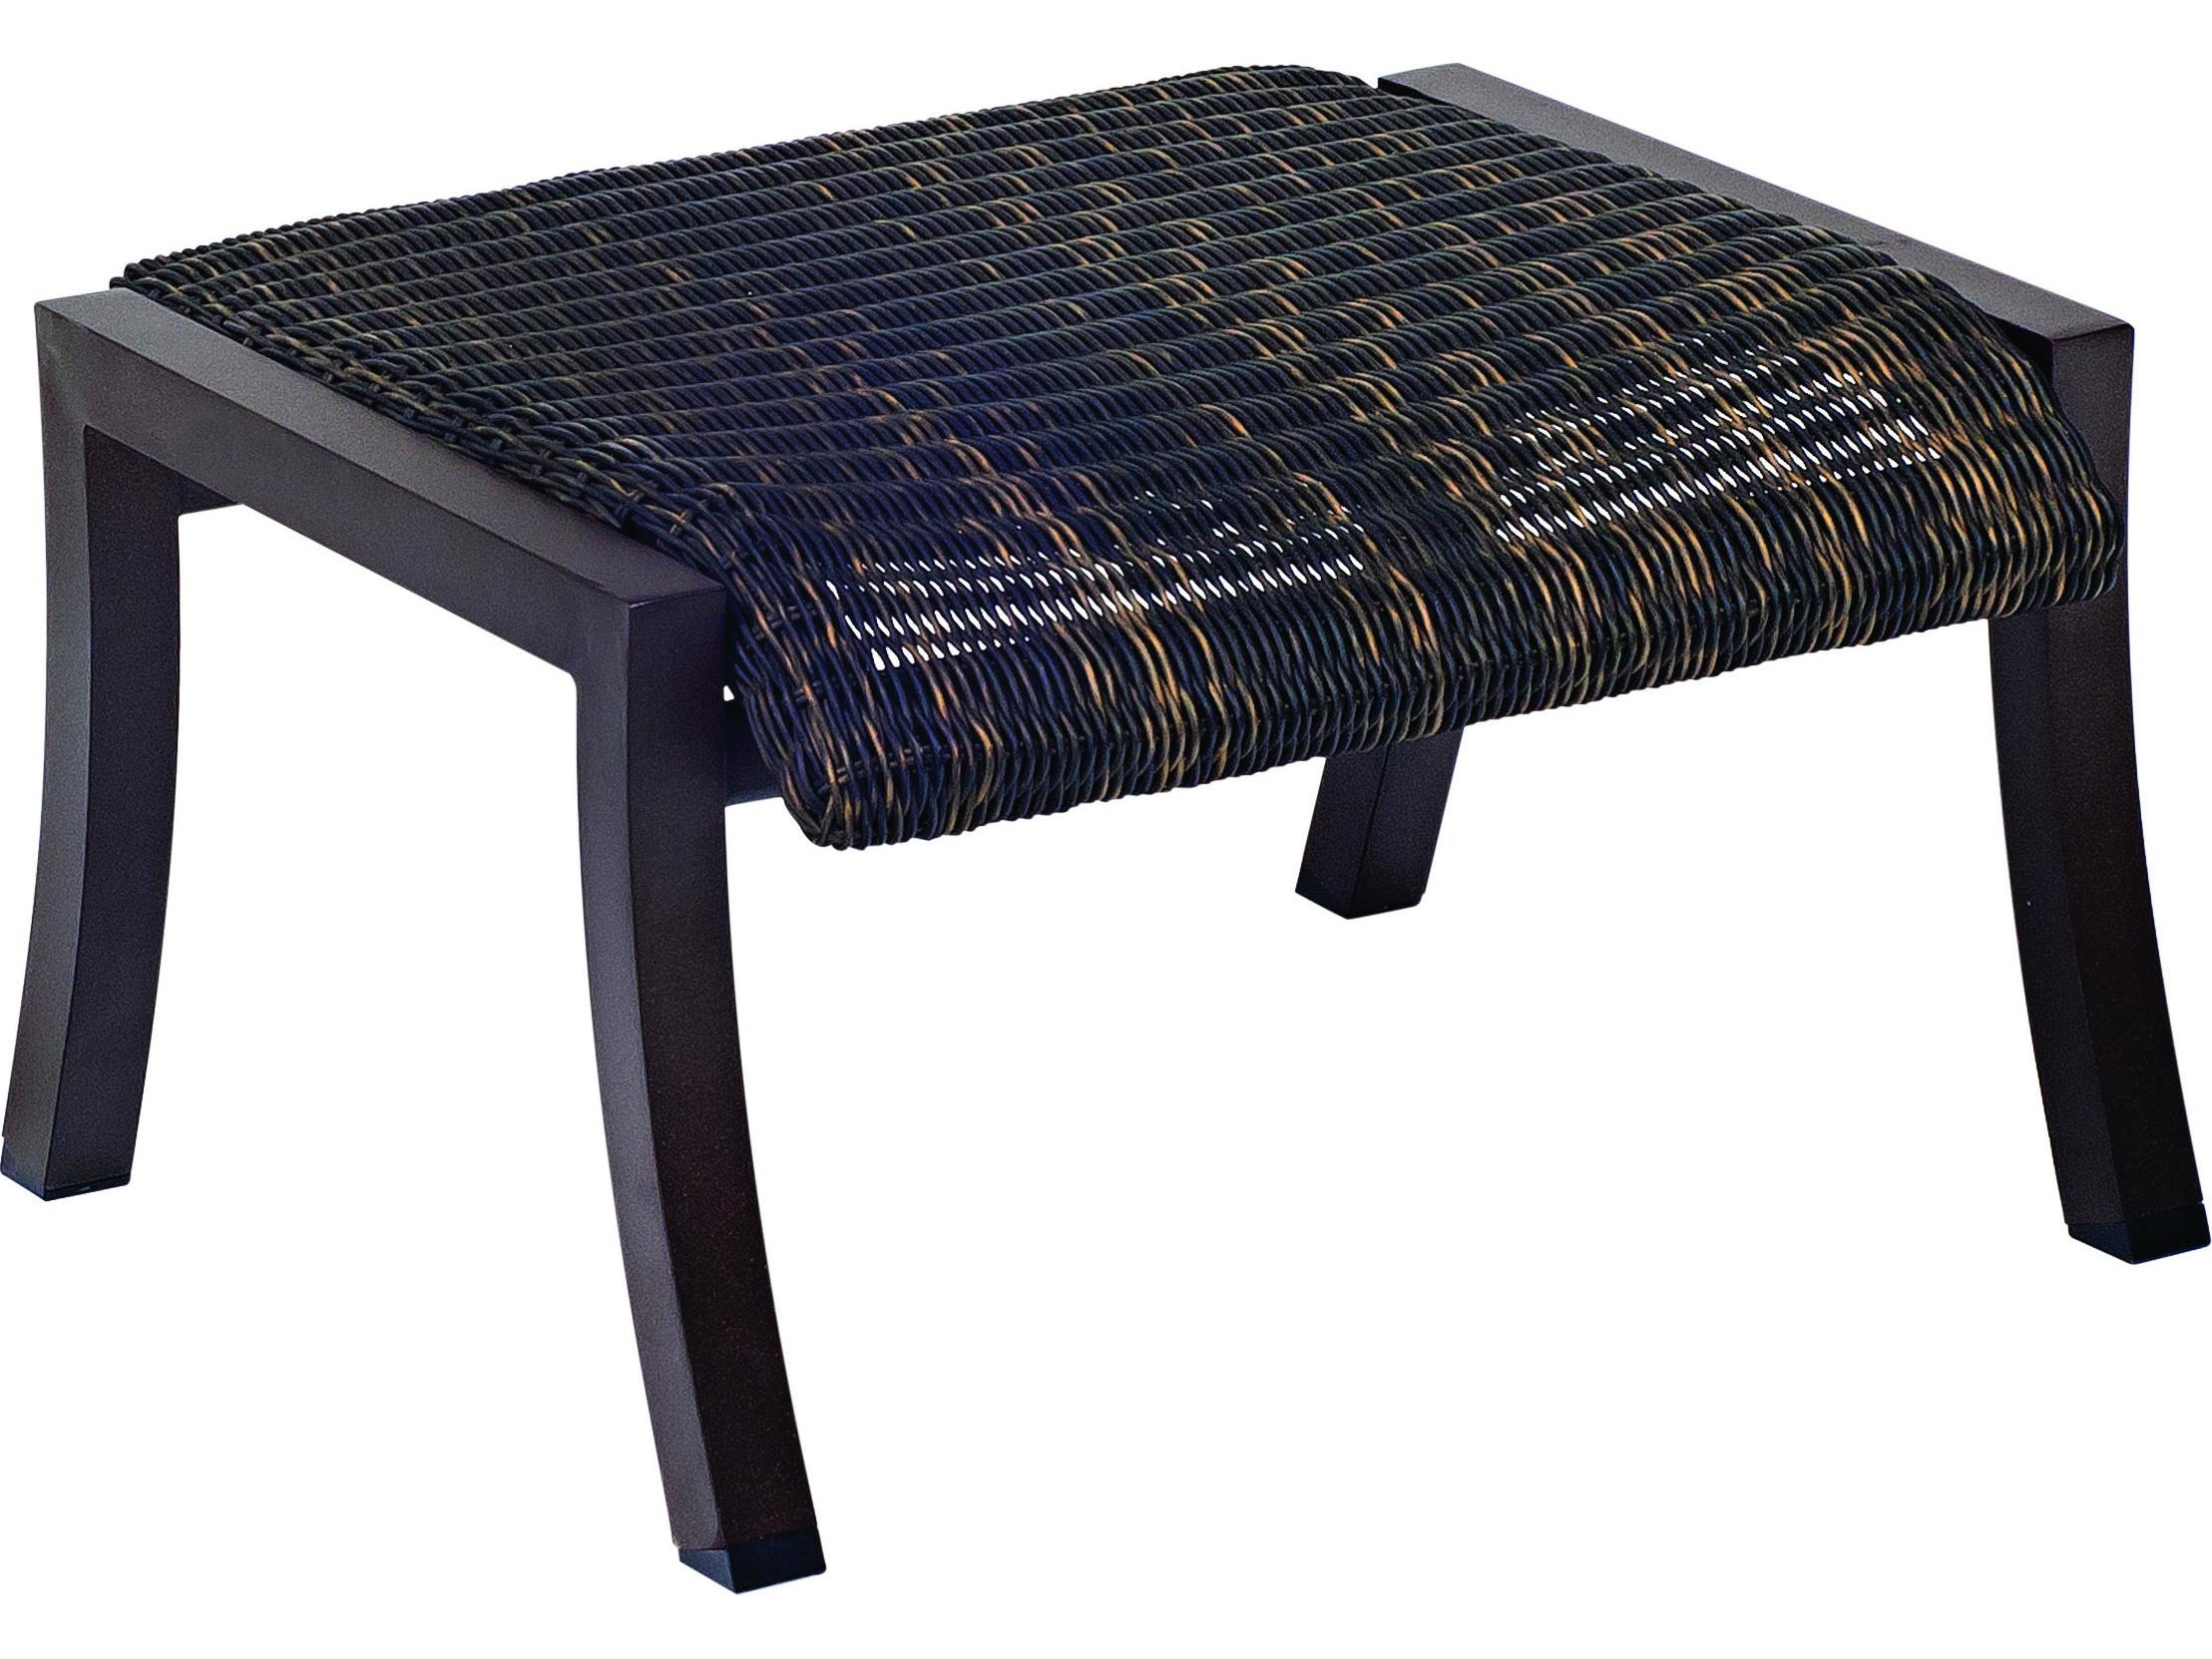 Woodard Cortland Woven Round Weave Wicker Ottoman 5v0486